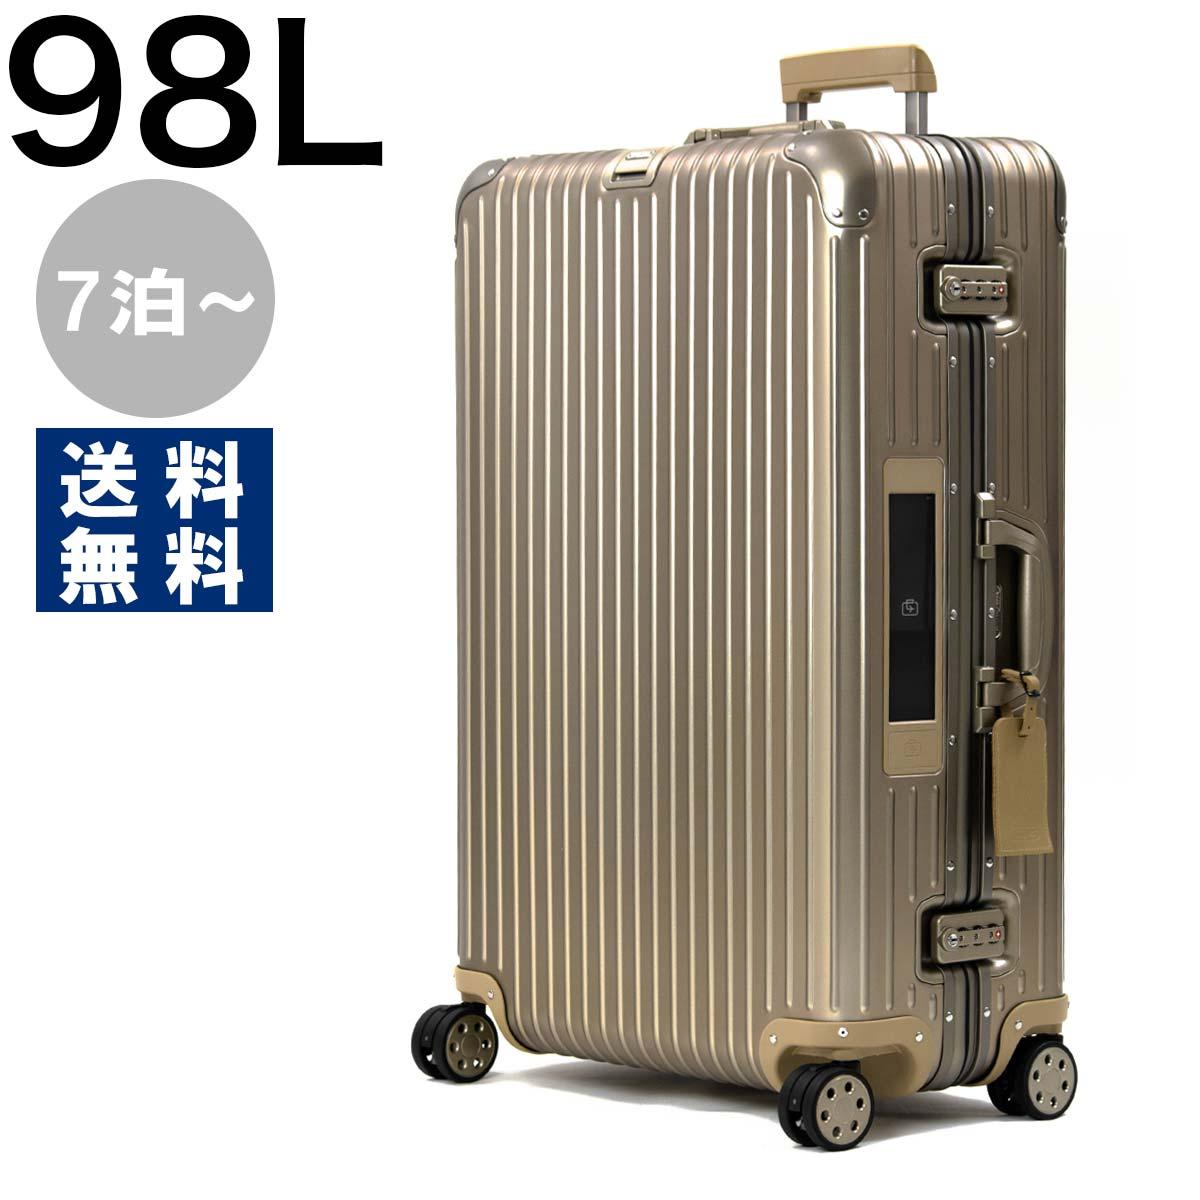 リモワ スーツケース/旅行用バッグ バッグ メンズ レディース トパーズ チタニウム ELECTRONIC TAG 98L シャンパンゴールド 92477035 RIMOWA